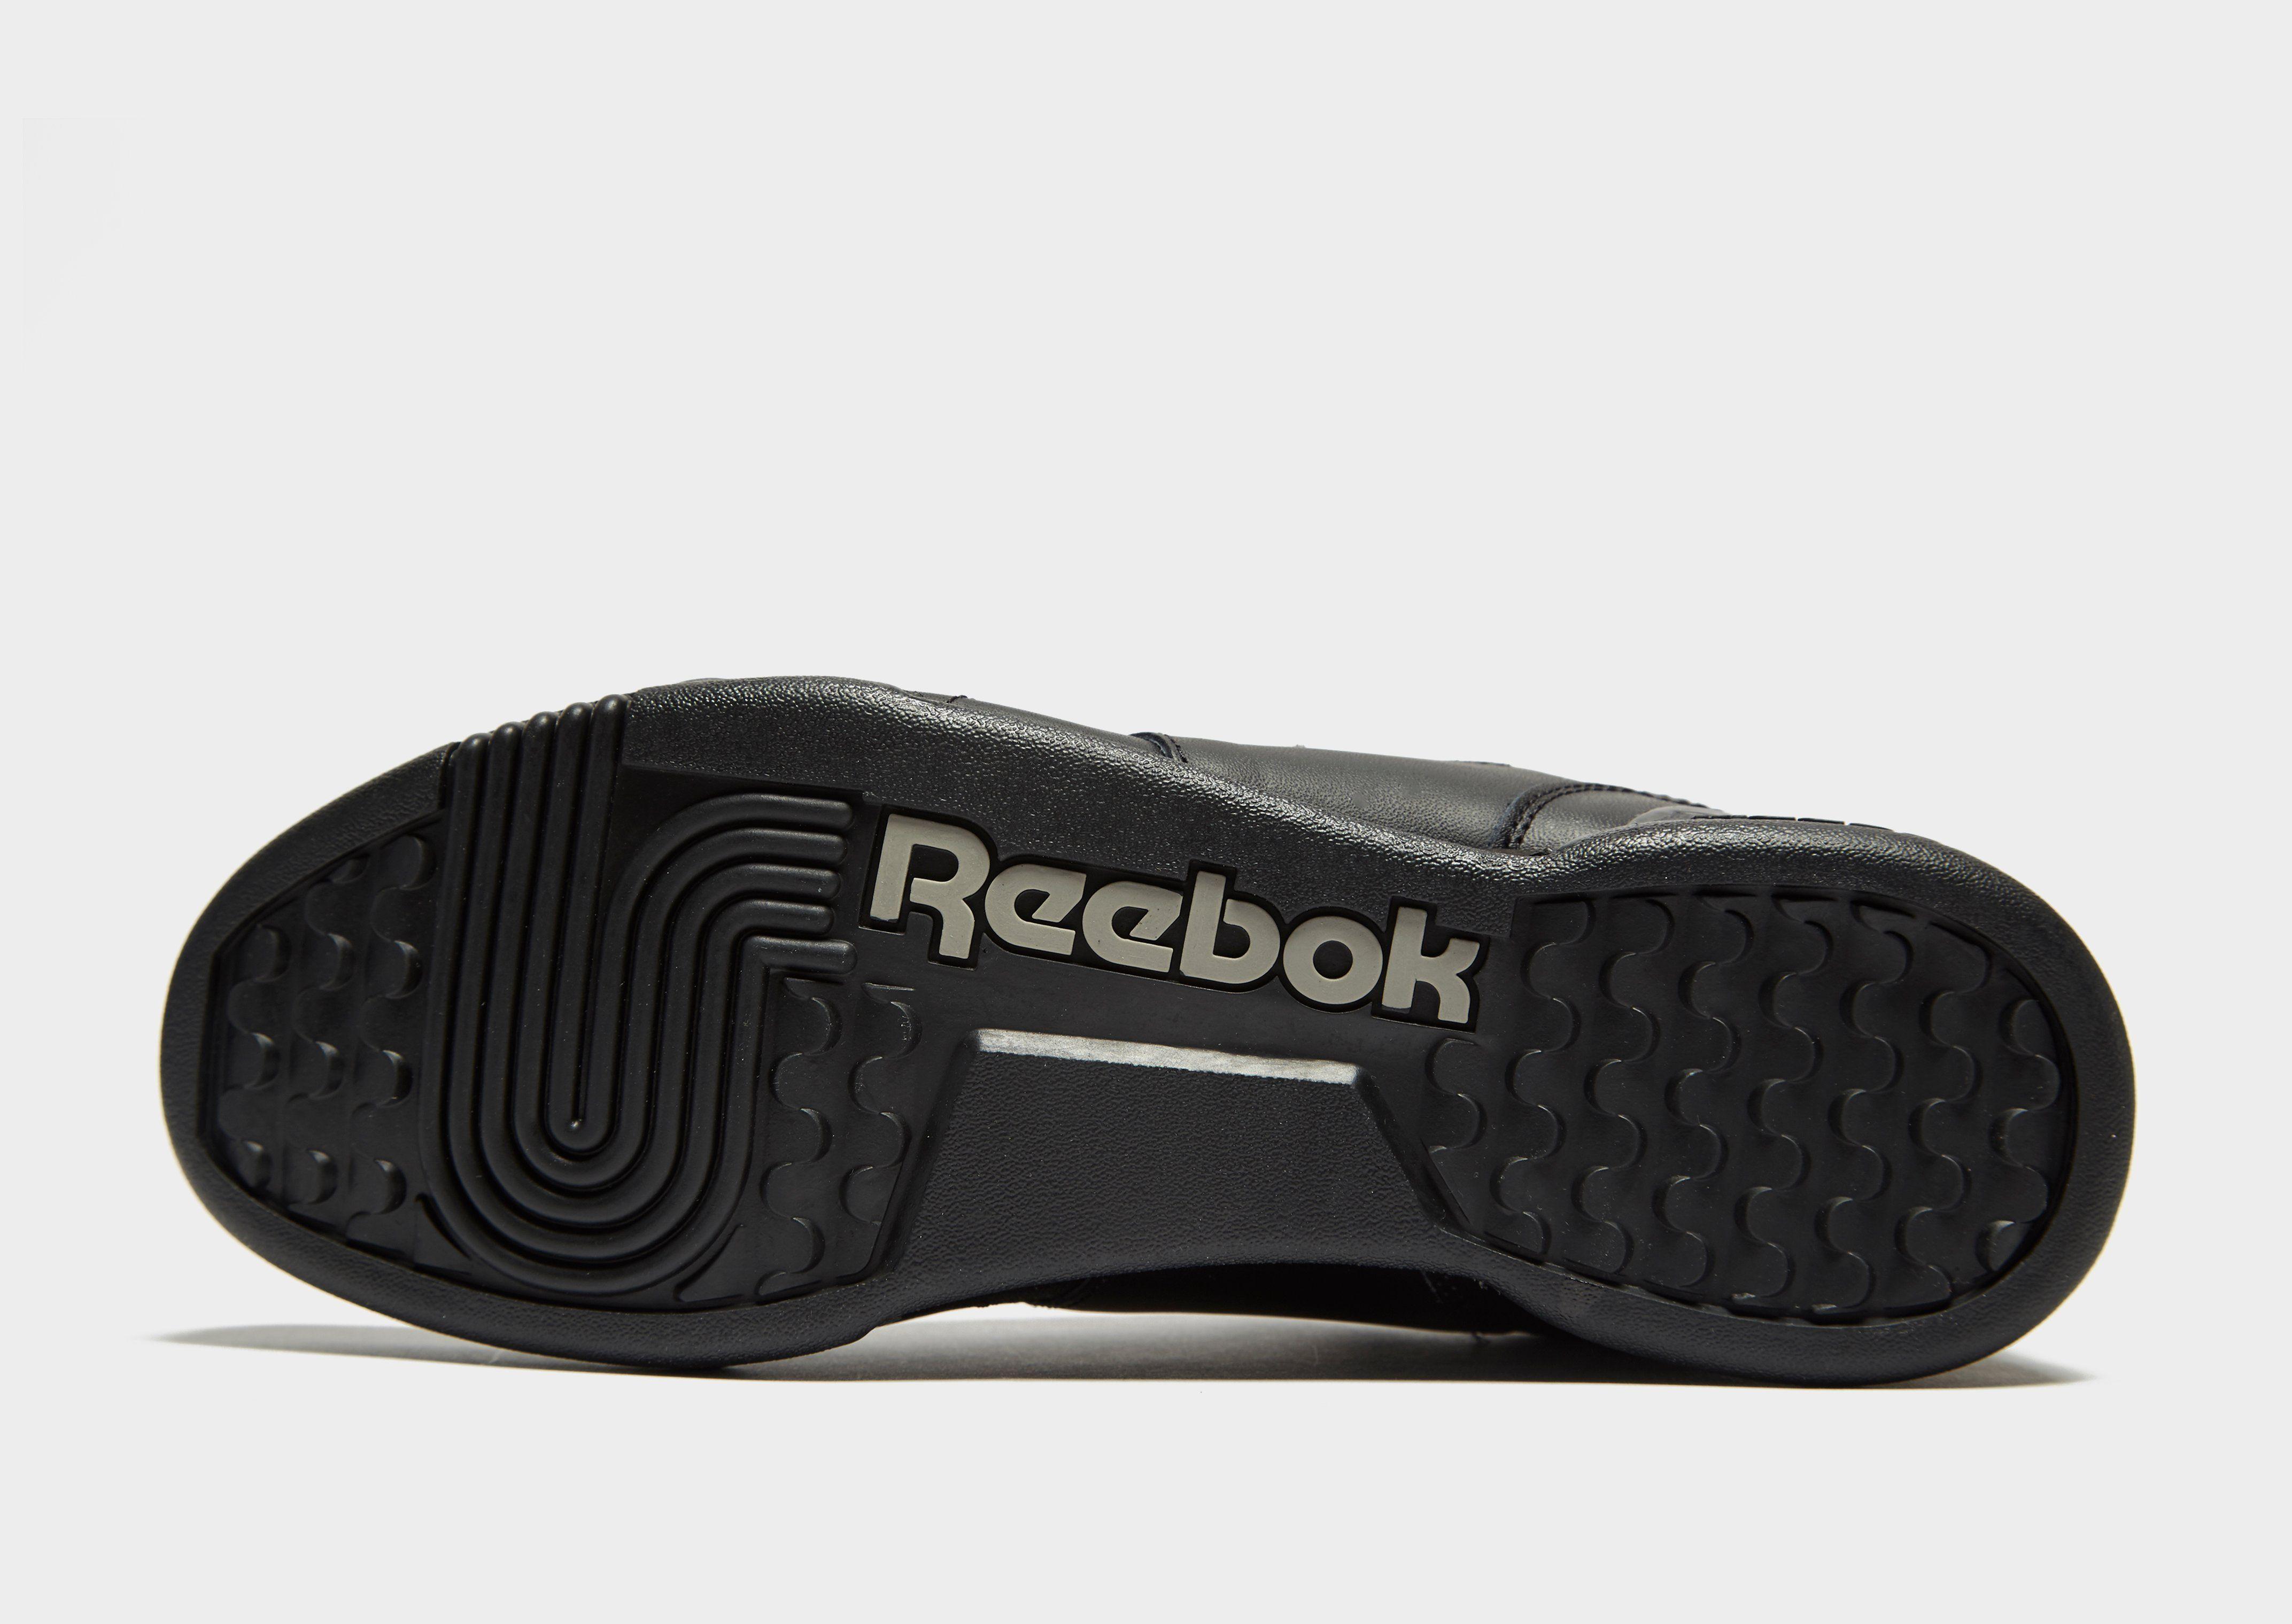 Reebok Workout + Schwarz Rabatt Genießen Mit Mastercard Aus Deutschland Factory-Outlet-Verkauf Online AtpvAD1c7